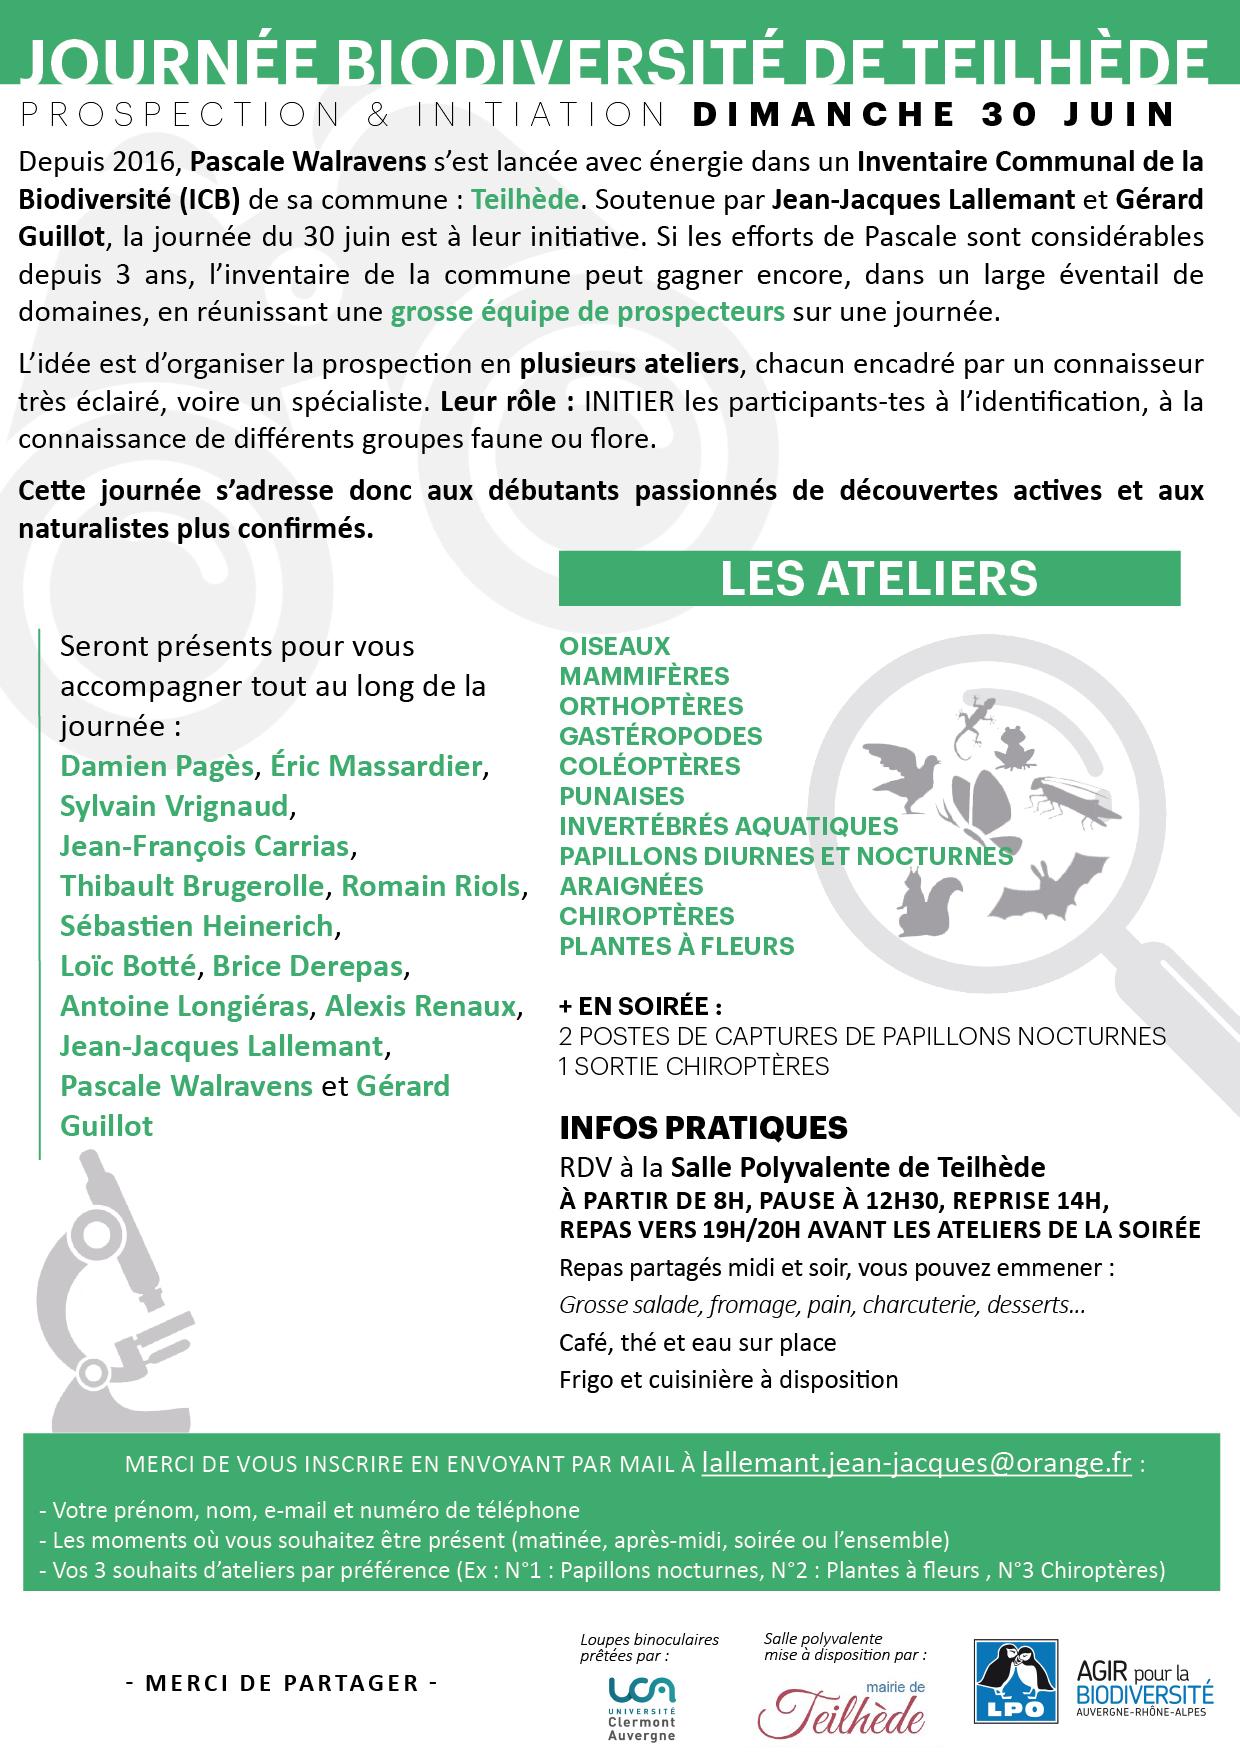 http://files.biolovision.net/www.faune-auvergne.org/userfiles/JournebiodiversitTeilhde-30juin2019bassedf.jpg